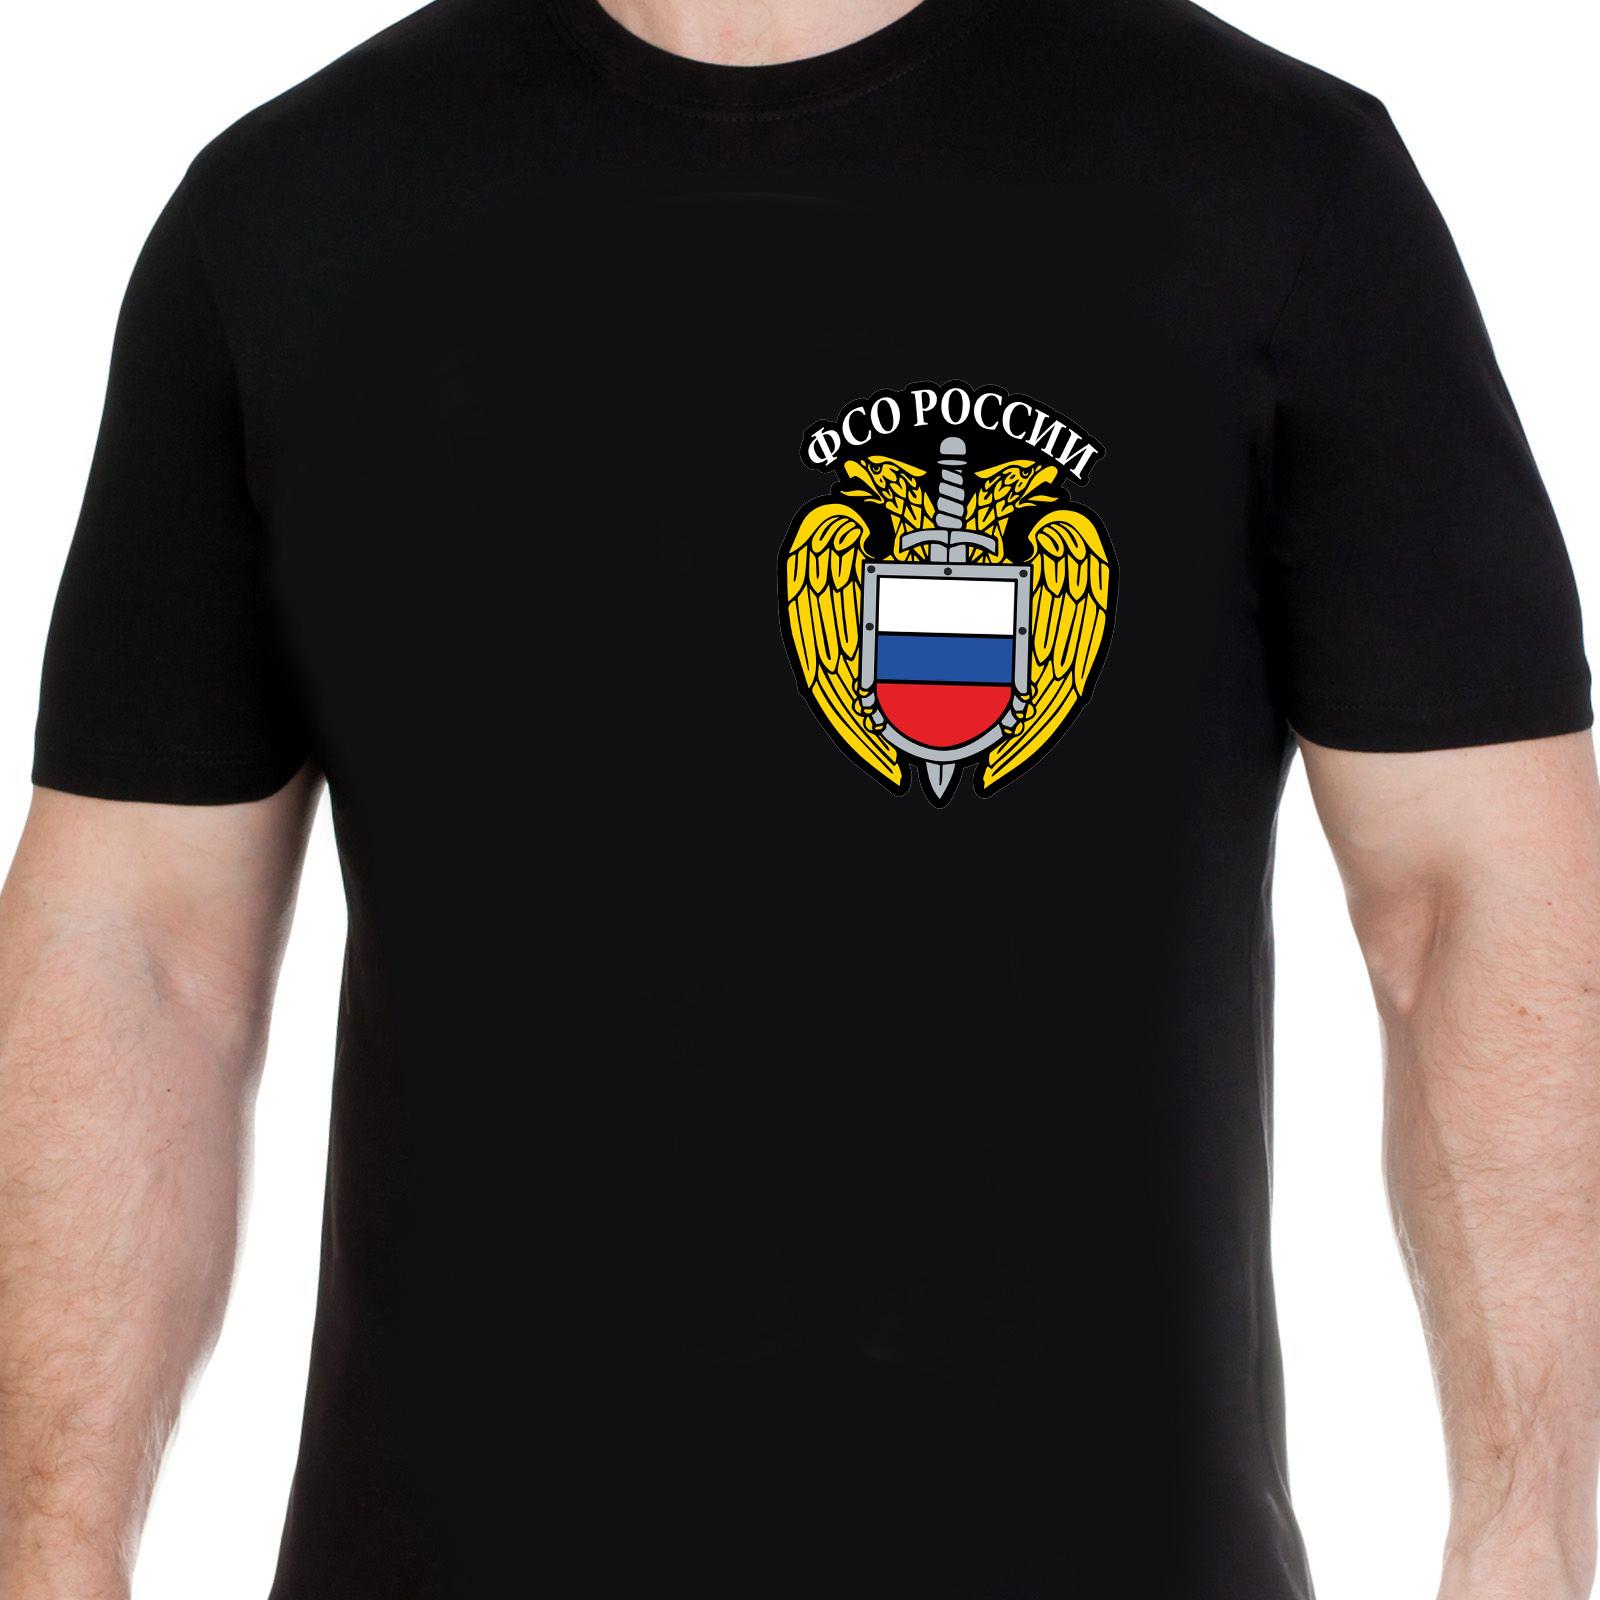 Классическая черная футболка с эмблемой ФСО